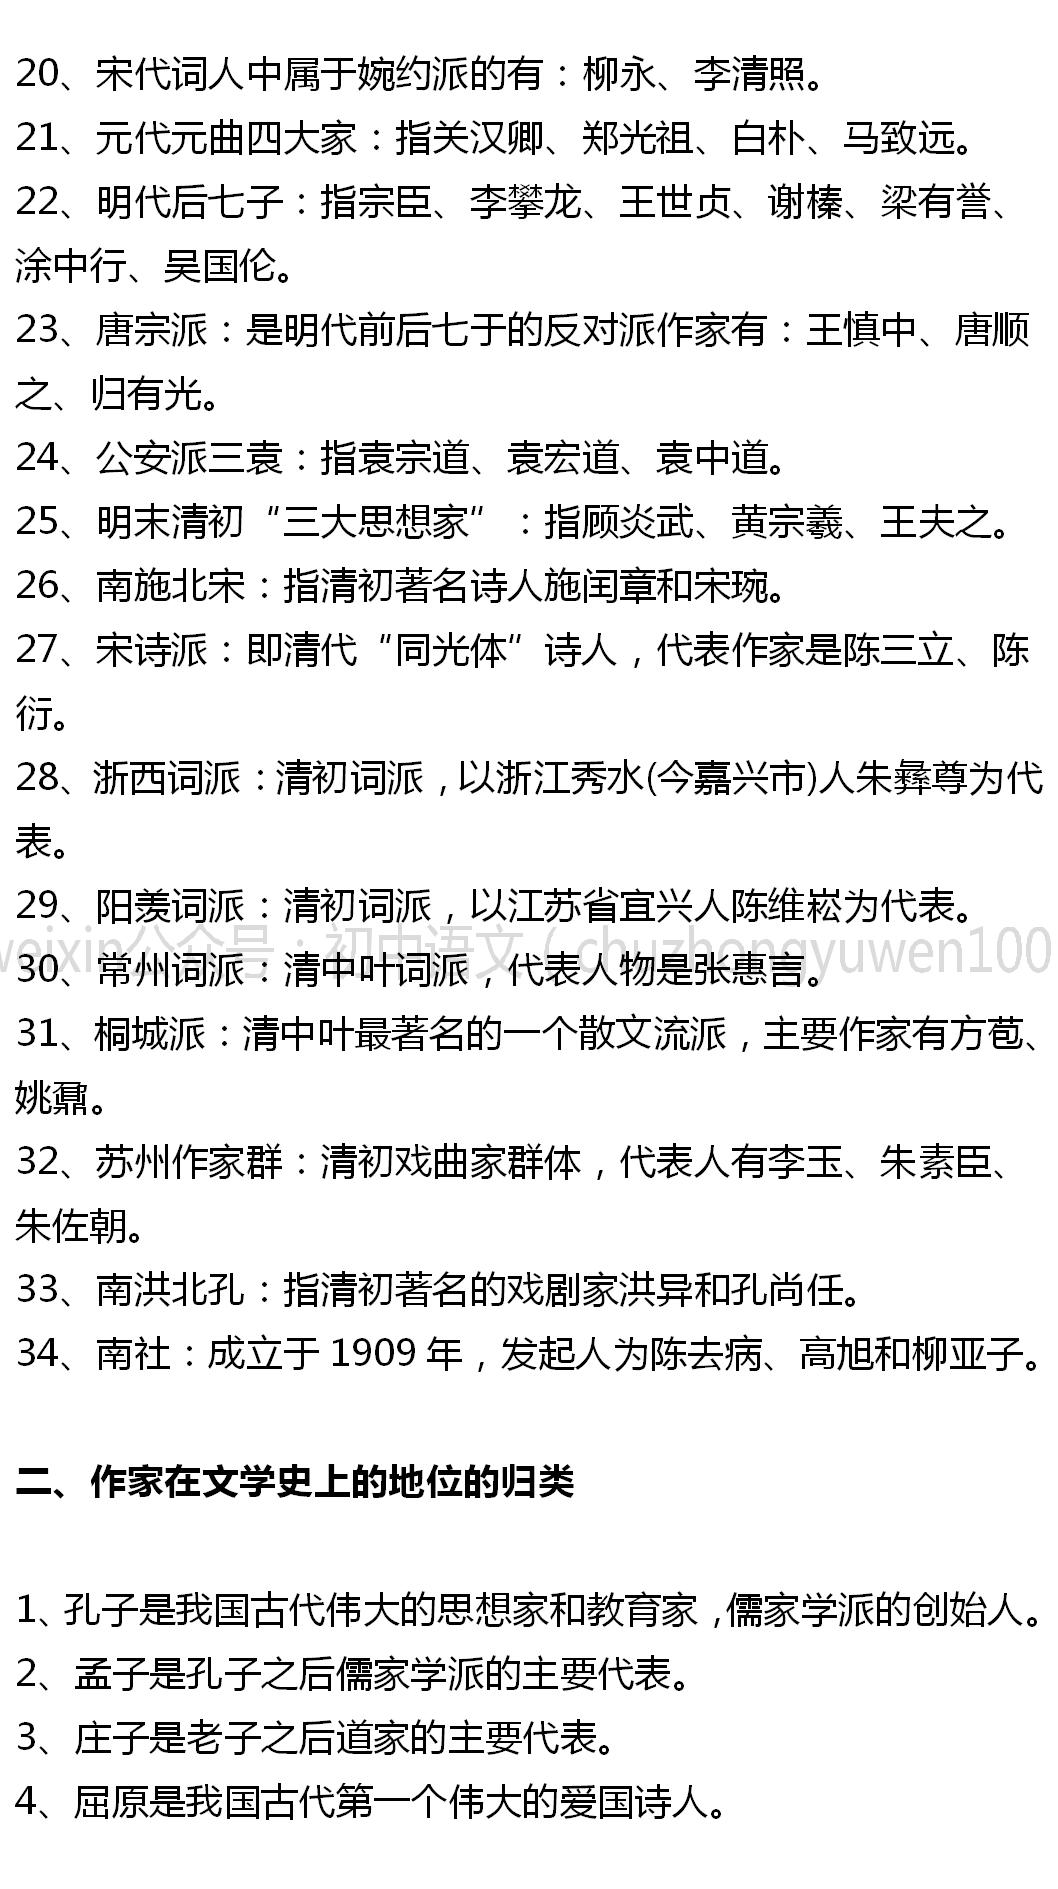 2021中考语文复习资料:初中语文1-6册文学常识汇总,不敢不背!